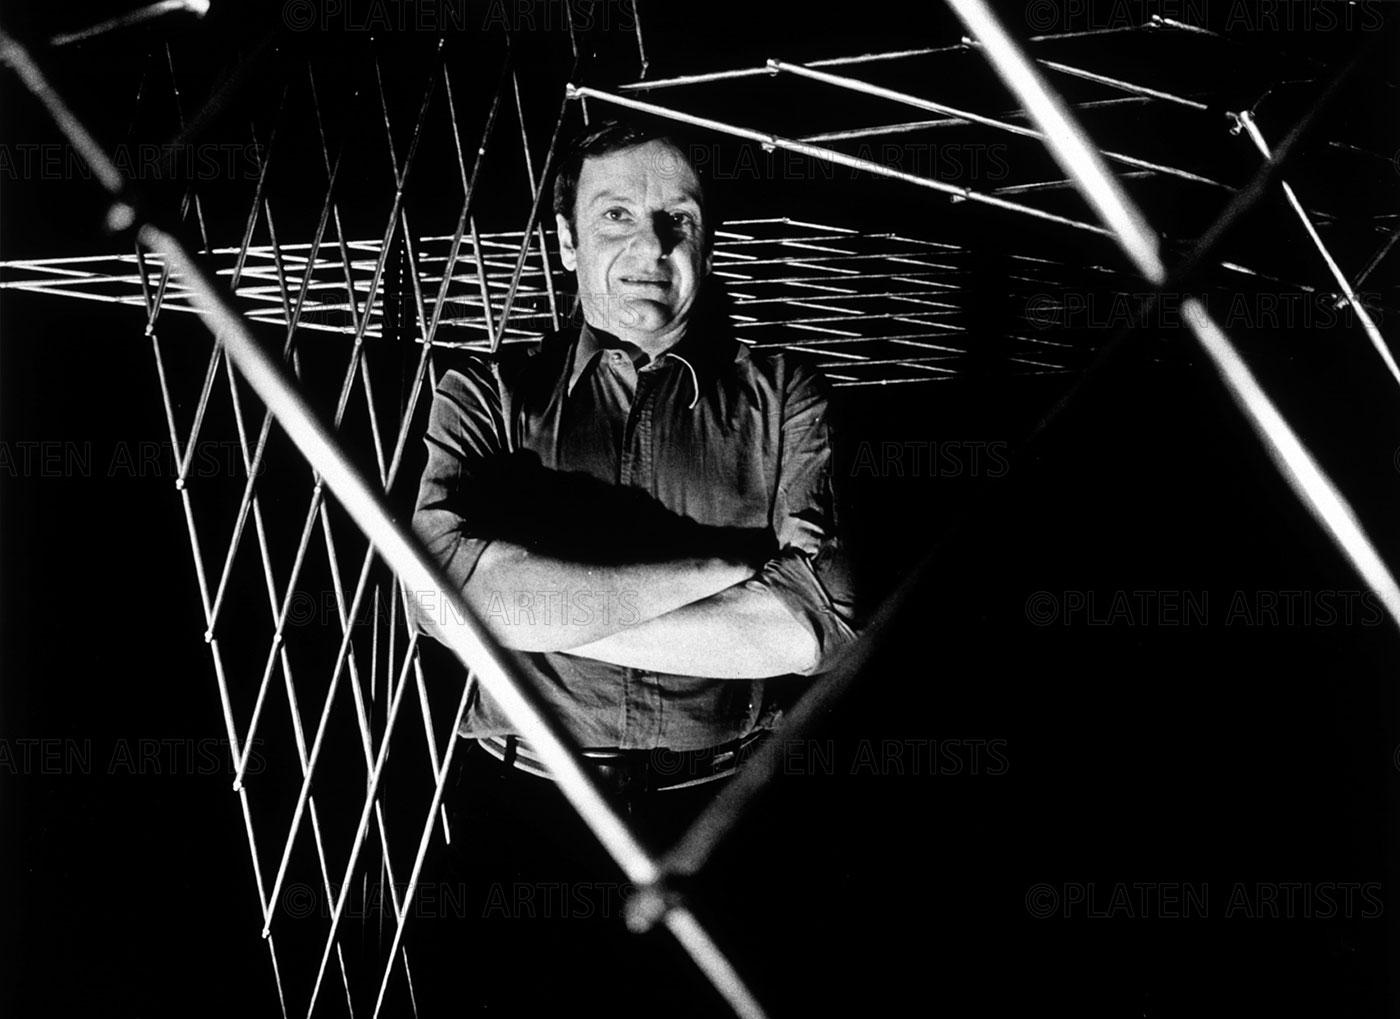 François Morellet, François twischen den Zeiten, Kassel 2000